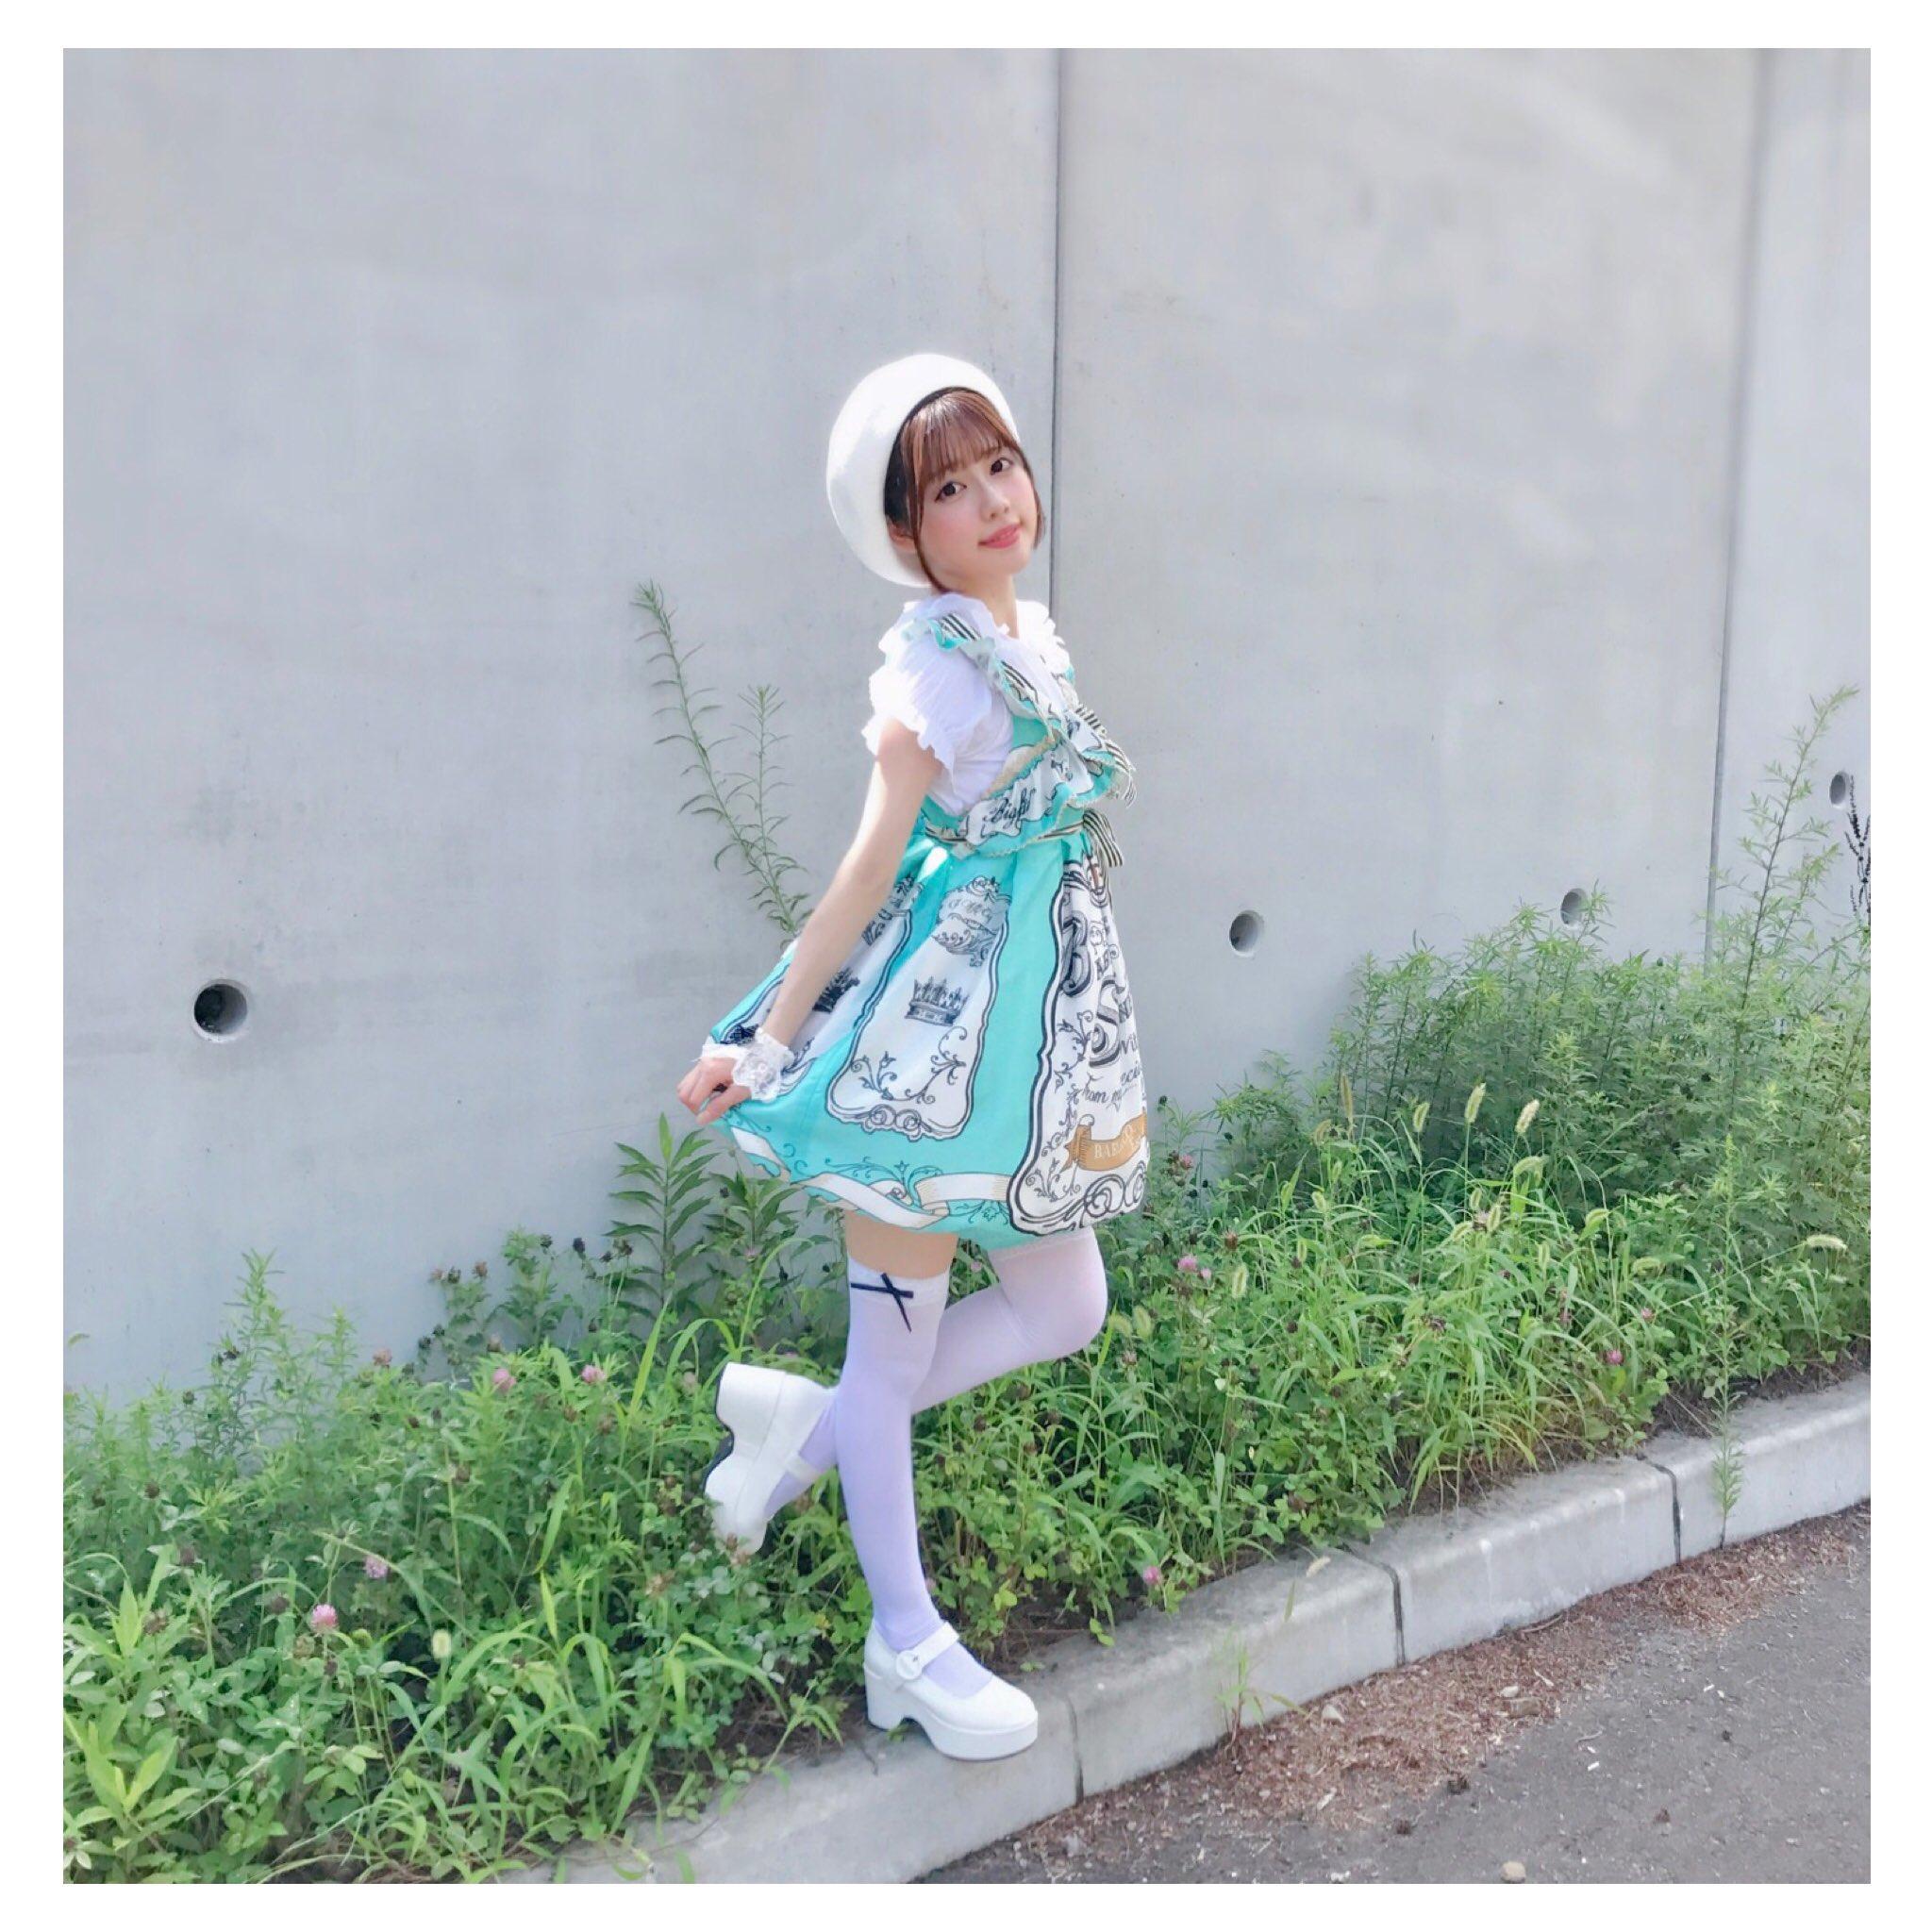 超!アニメディア劇場 LIVE in仙台 2017の礒部花凜